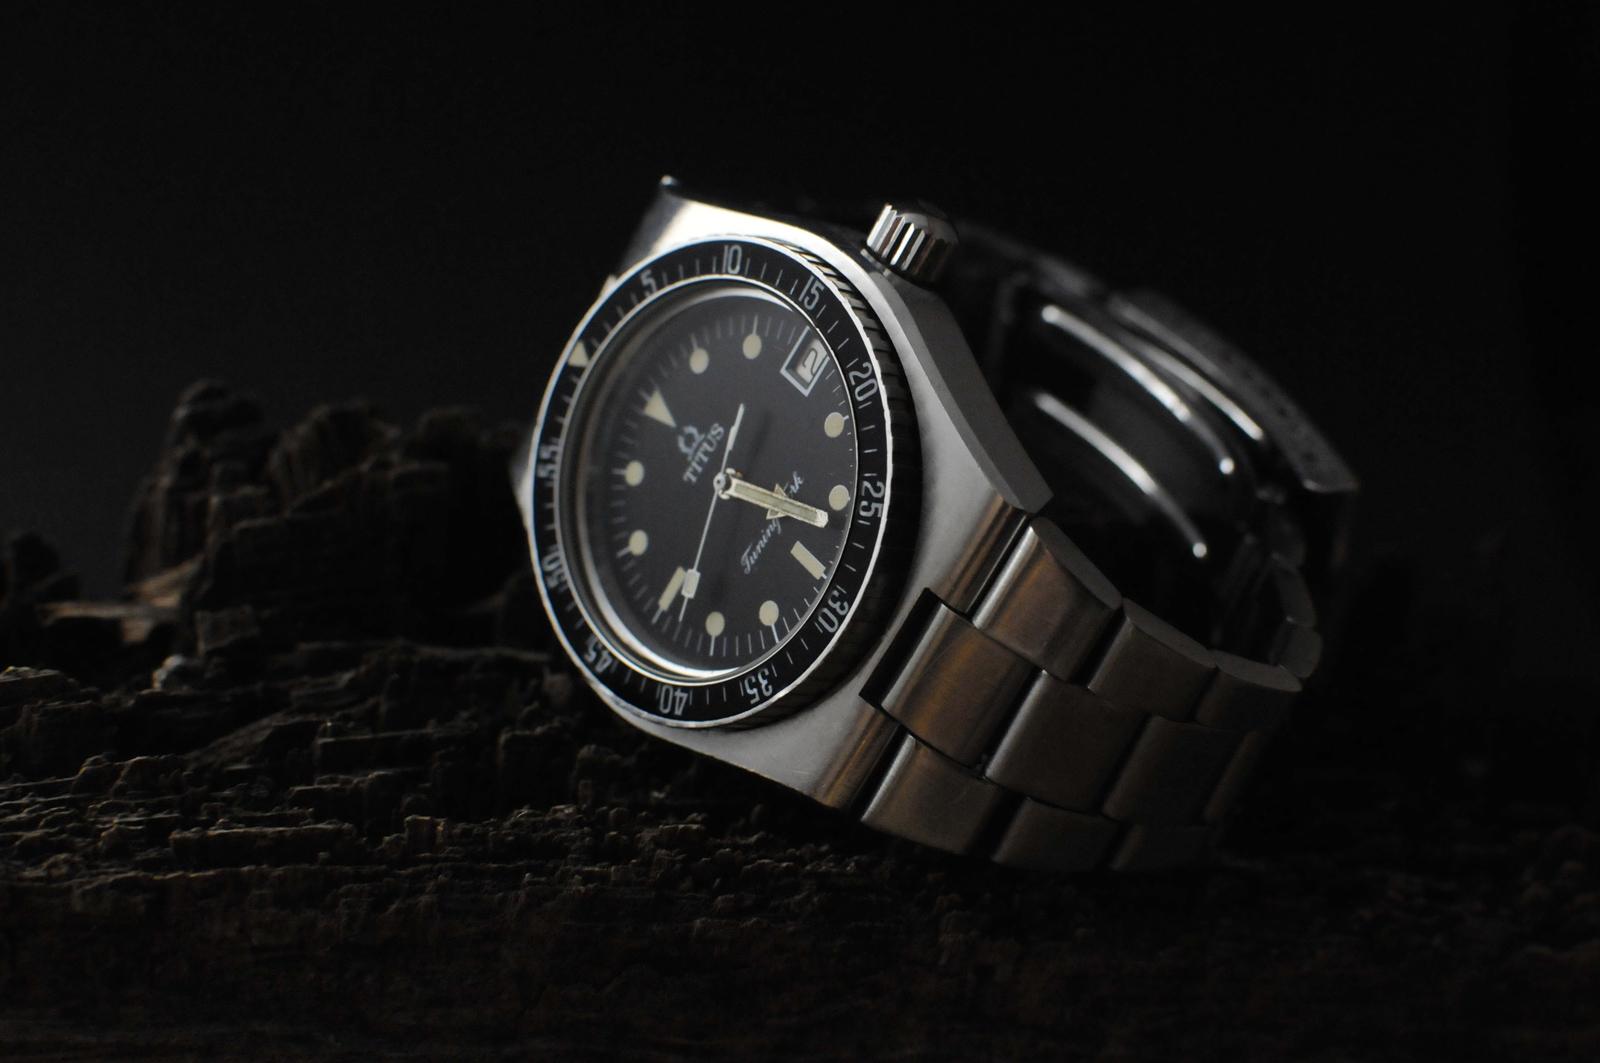 Zeigt her eure Uhren-Fotos die mit Bildbearbeitung entstanden sind ...